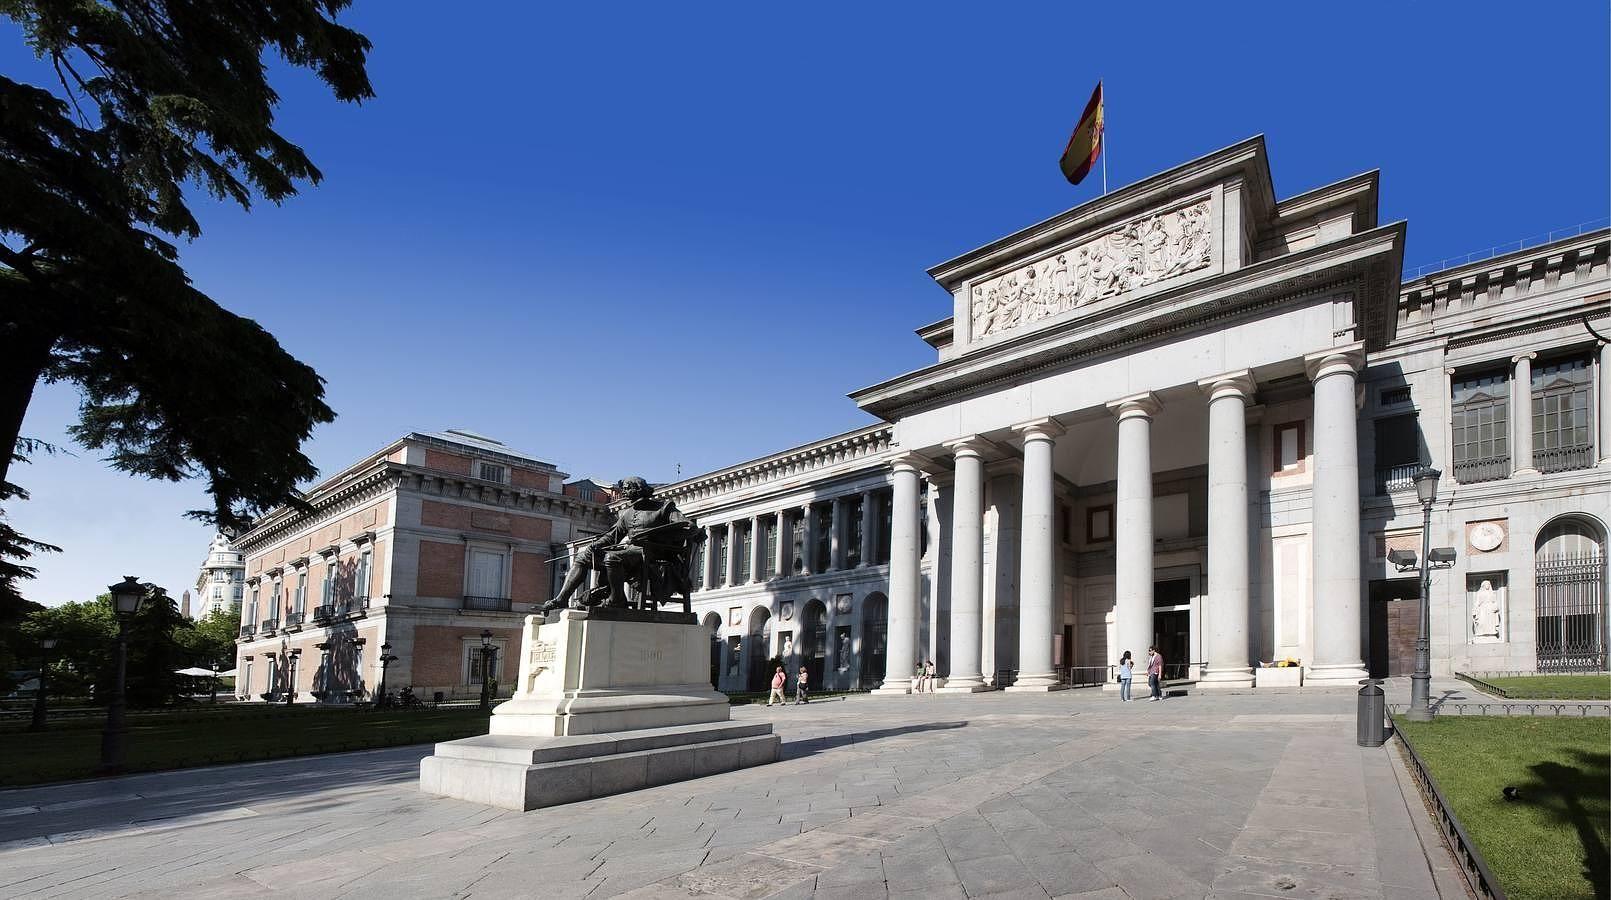 El Museo del Prado, una de las grandes pinacotecas internacionales. En la actualidad se tramita una solicitud a la Unesco para que el eje del Prado sea patrimonio mundial.